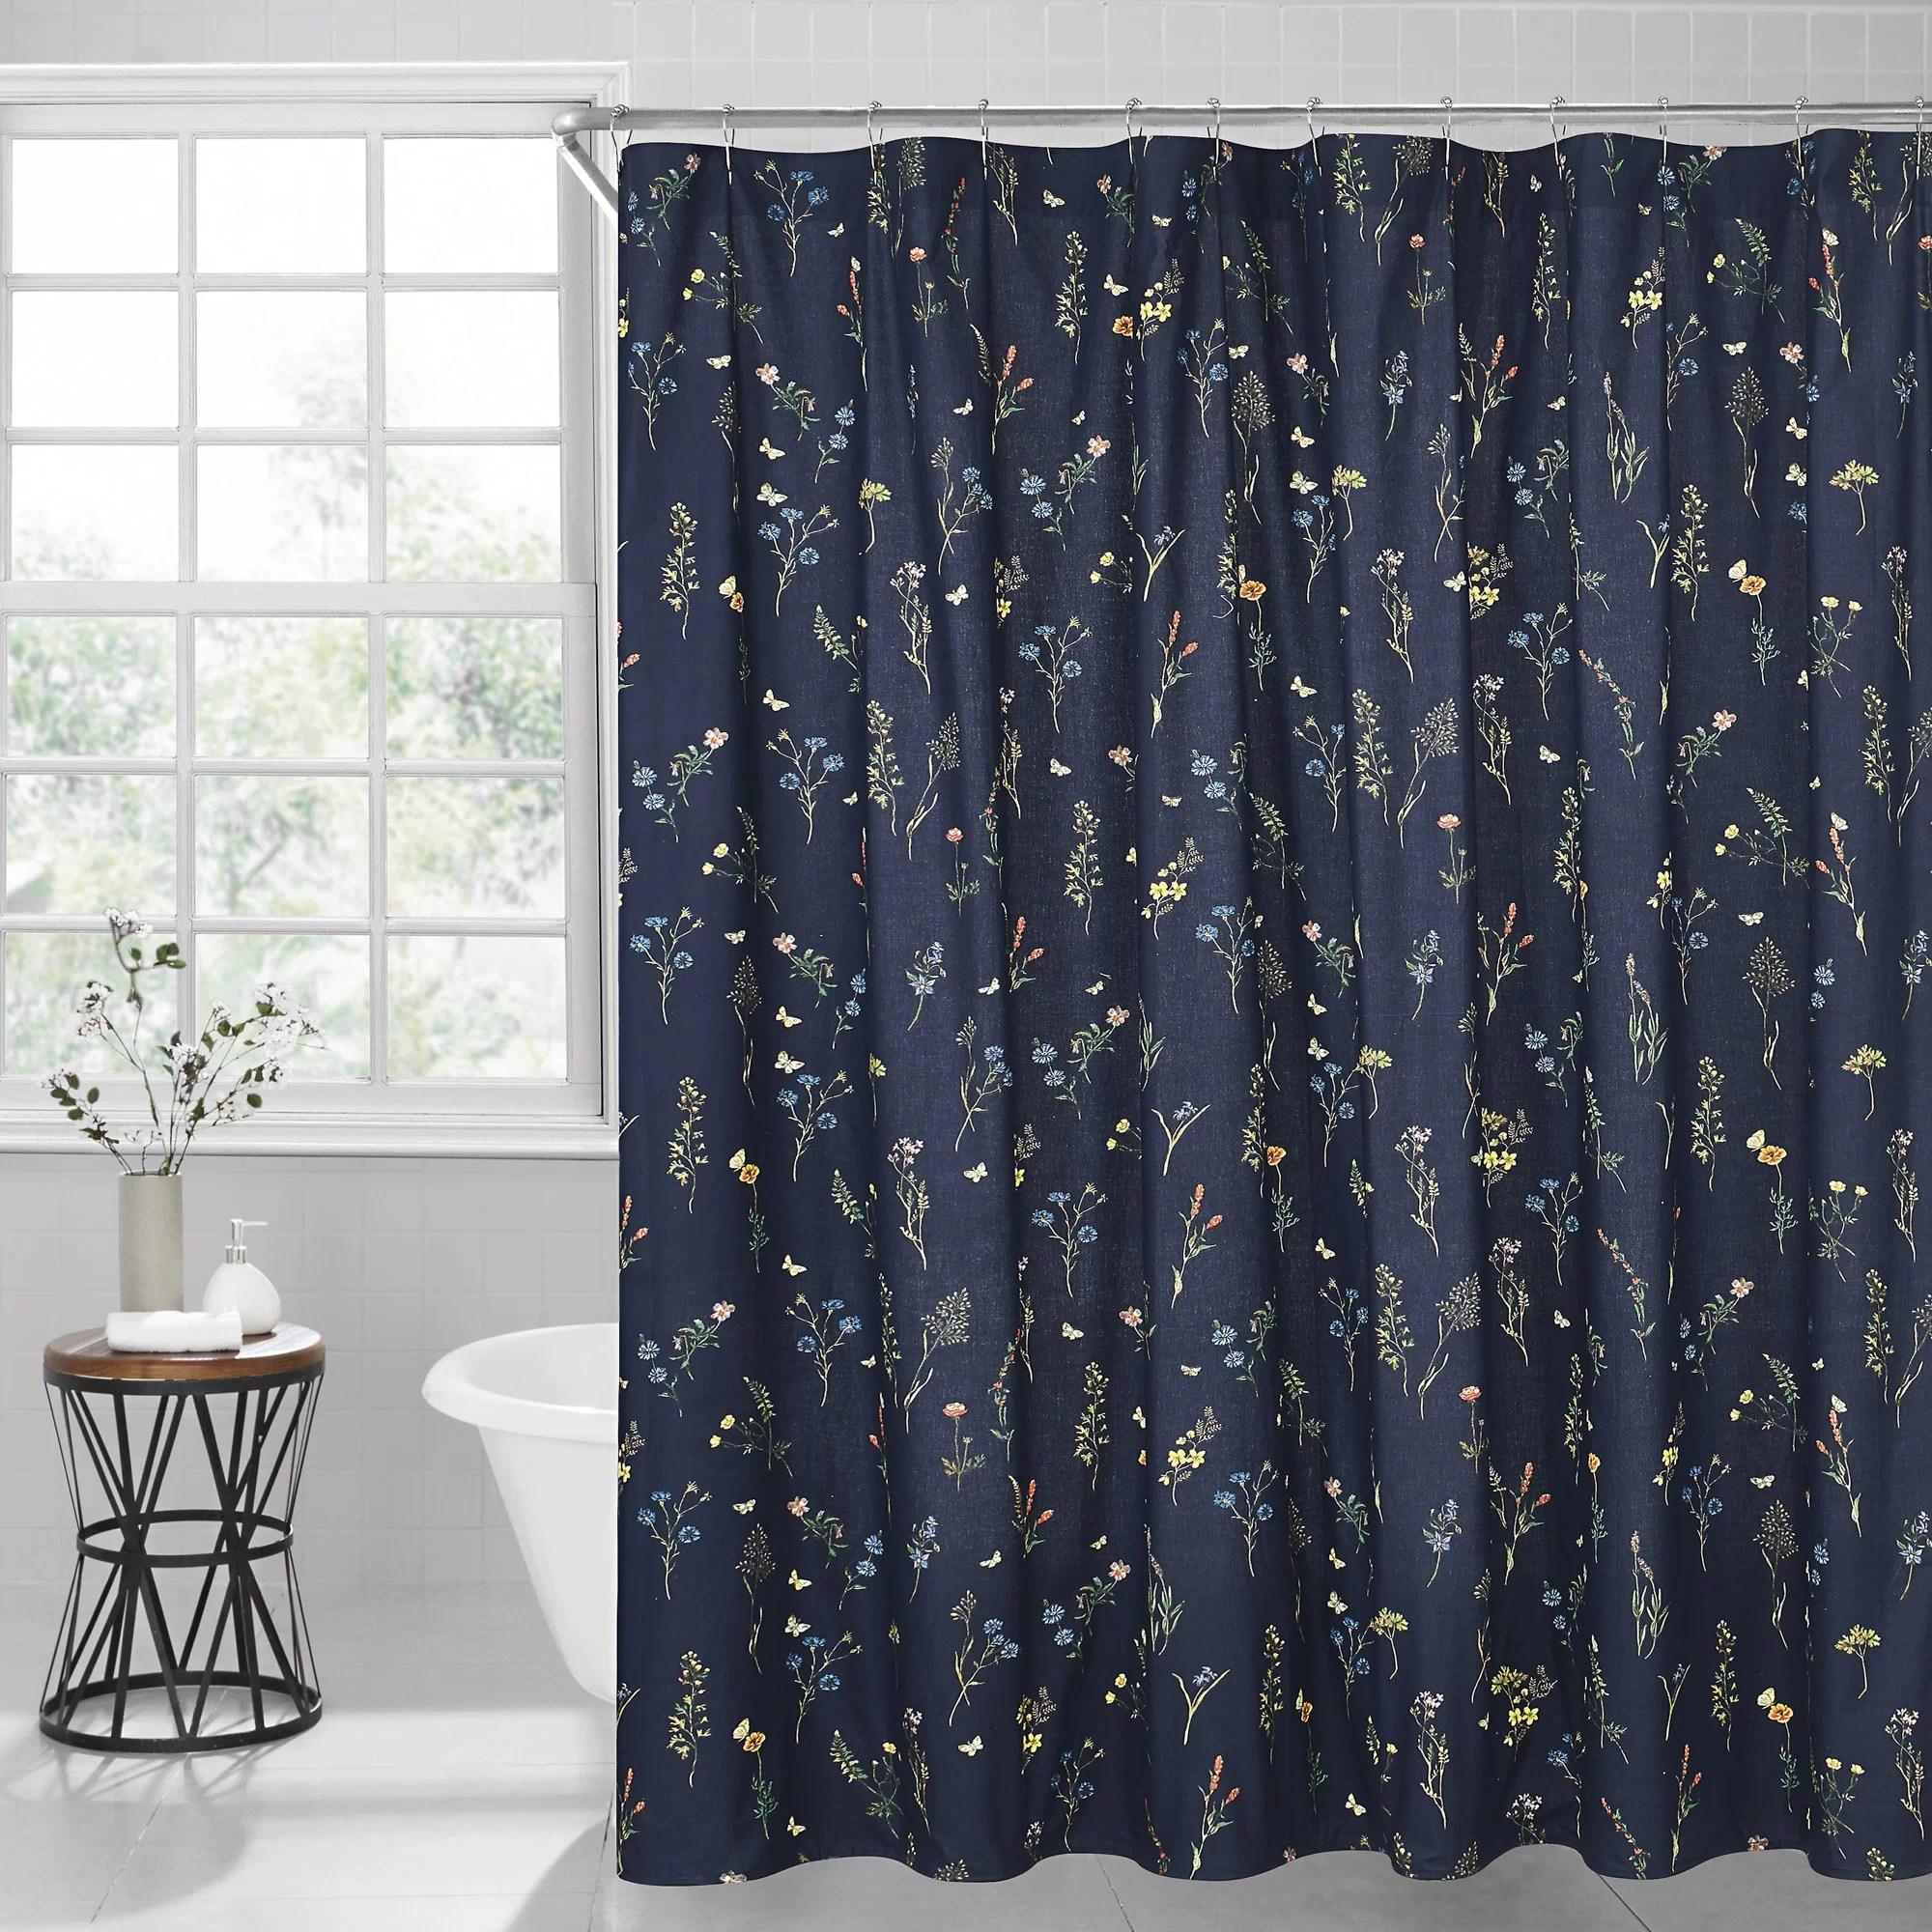 vanissea 100 cotton floral single shower curtain